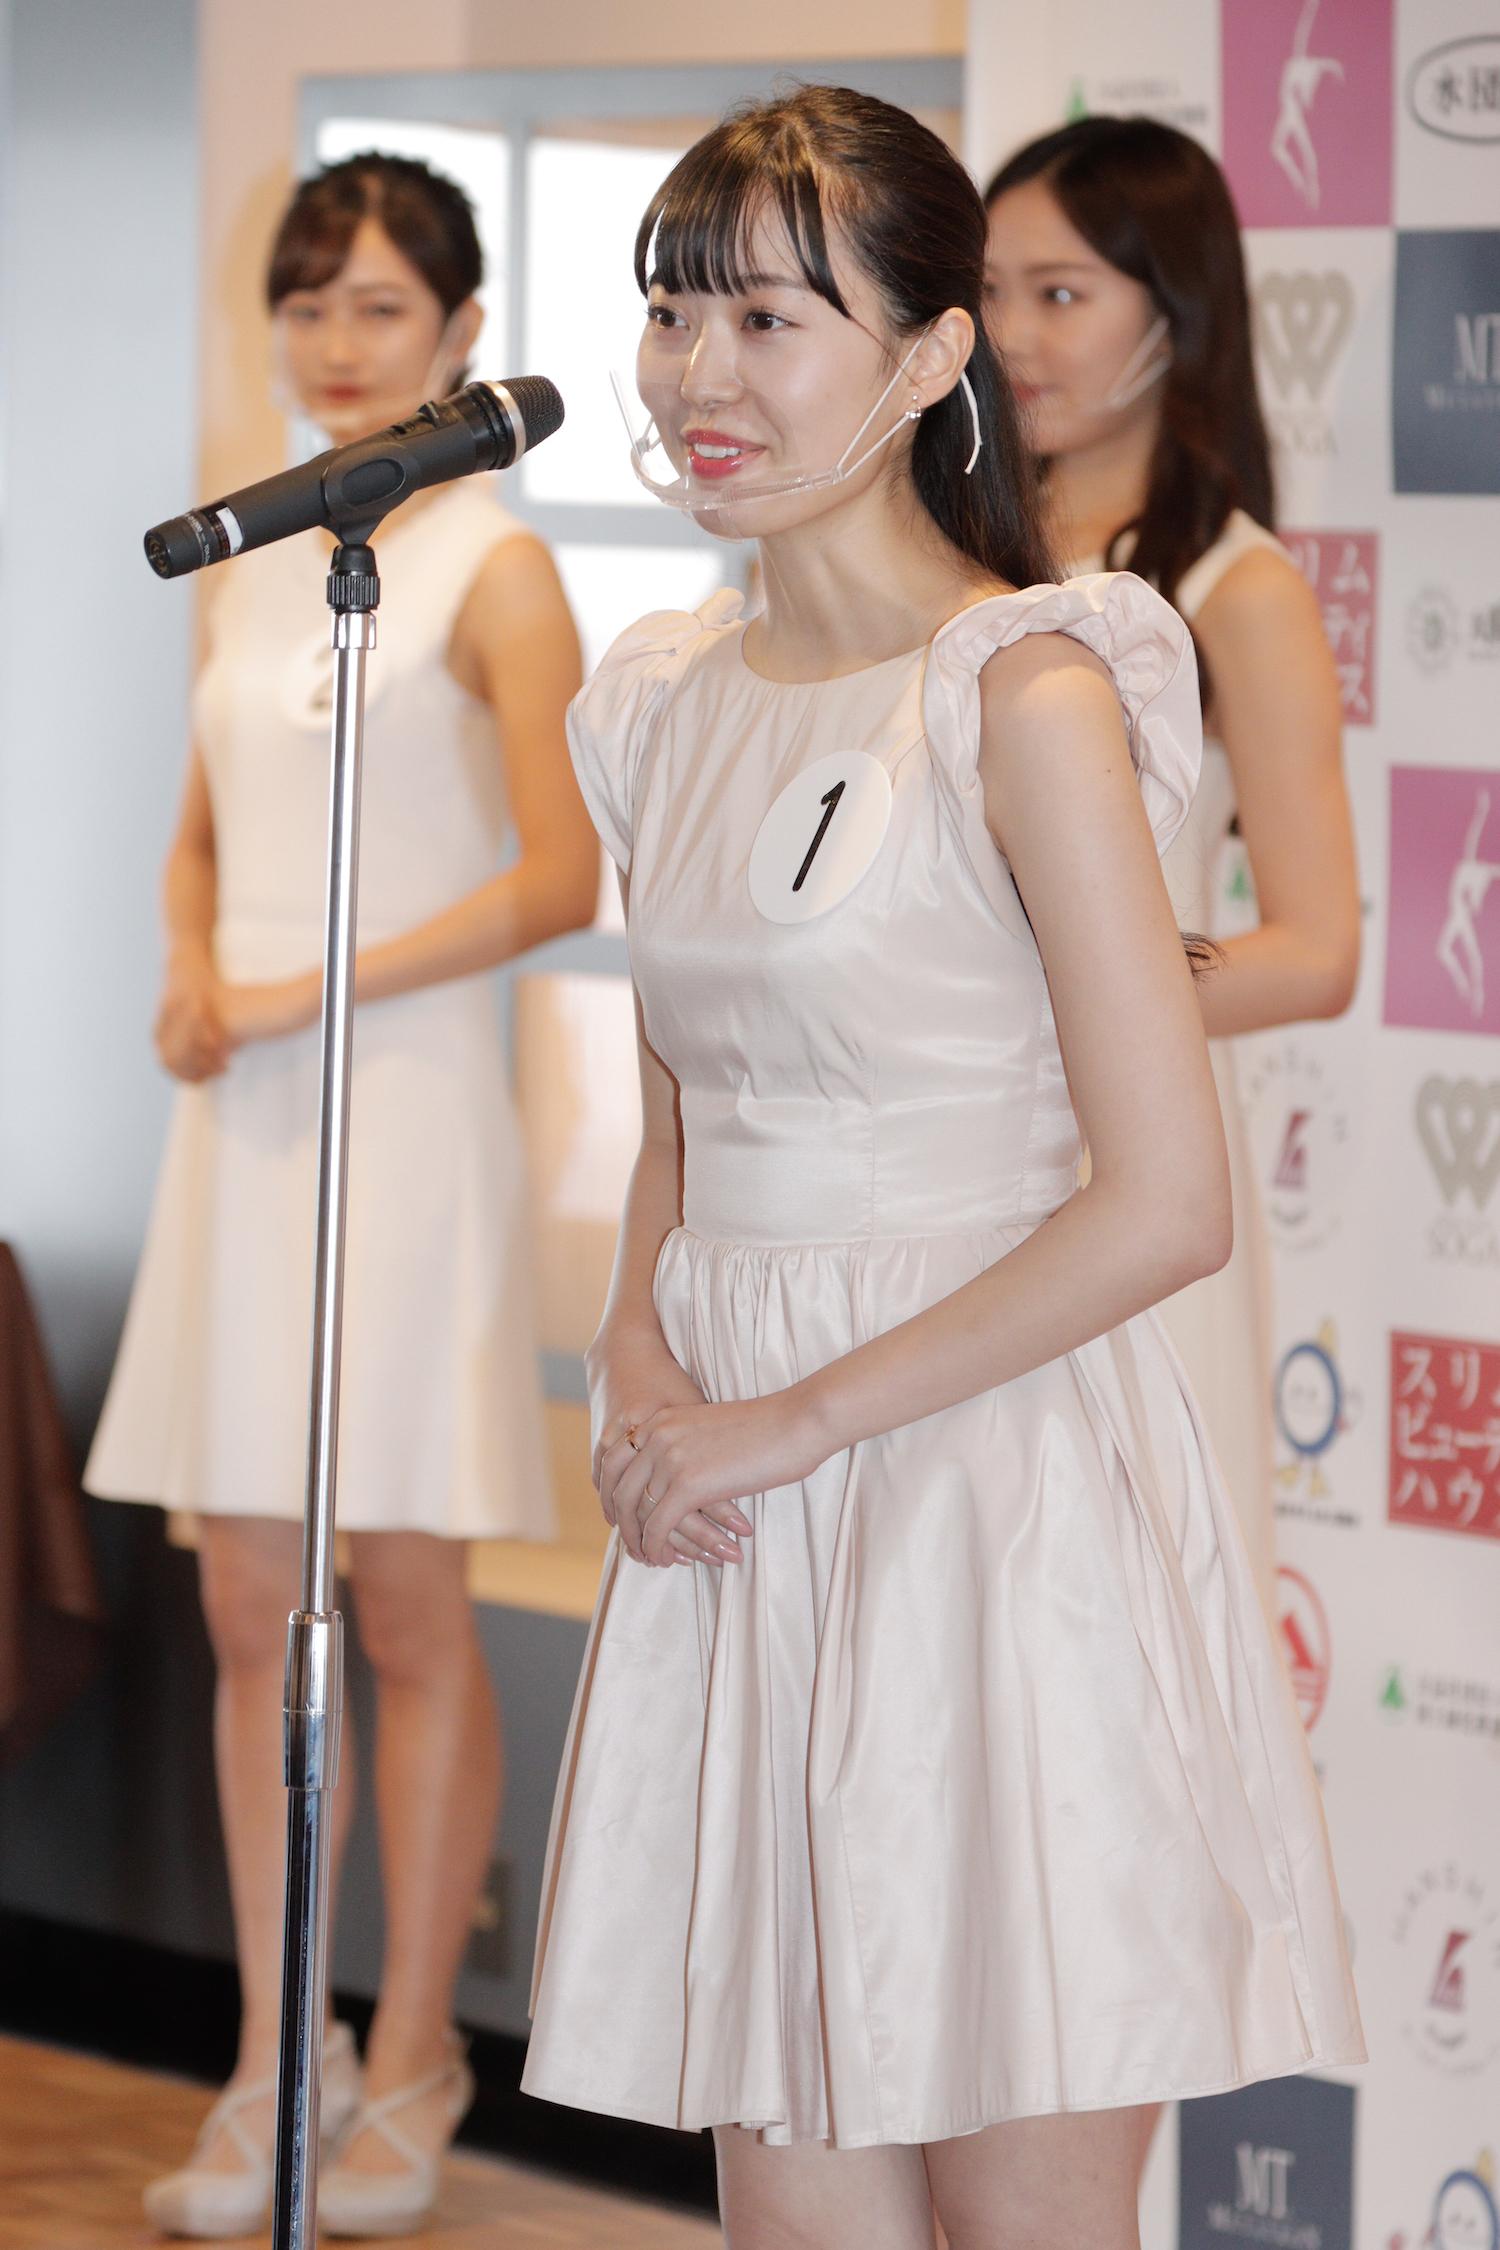 日達 舞/『第53回ミス日本コンテスト2021』東日本地区大会よりファイナリスト/撮影:ACTRESS PRESS